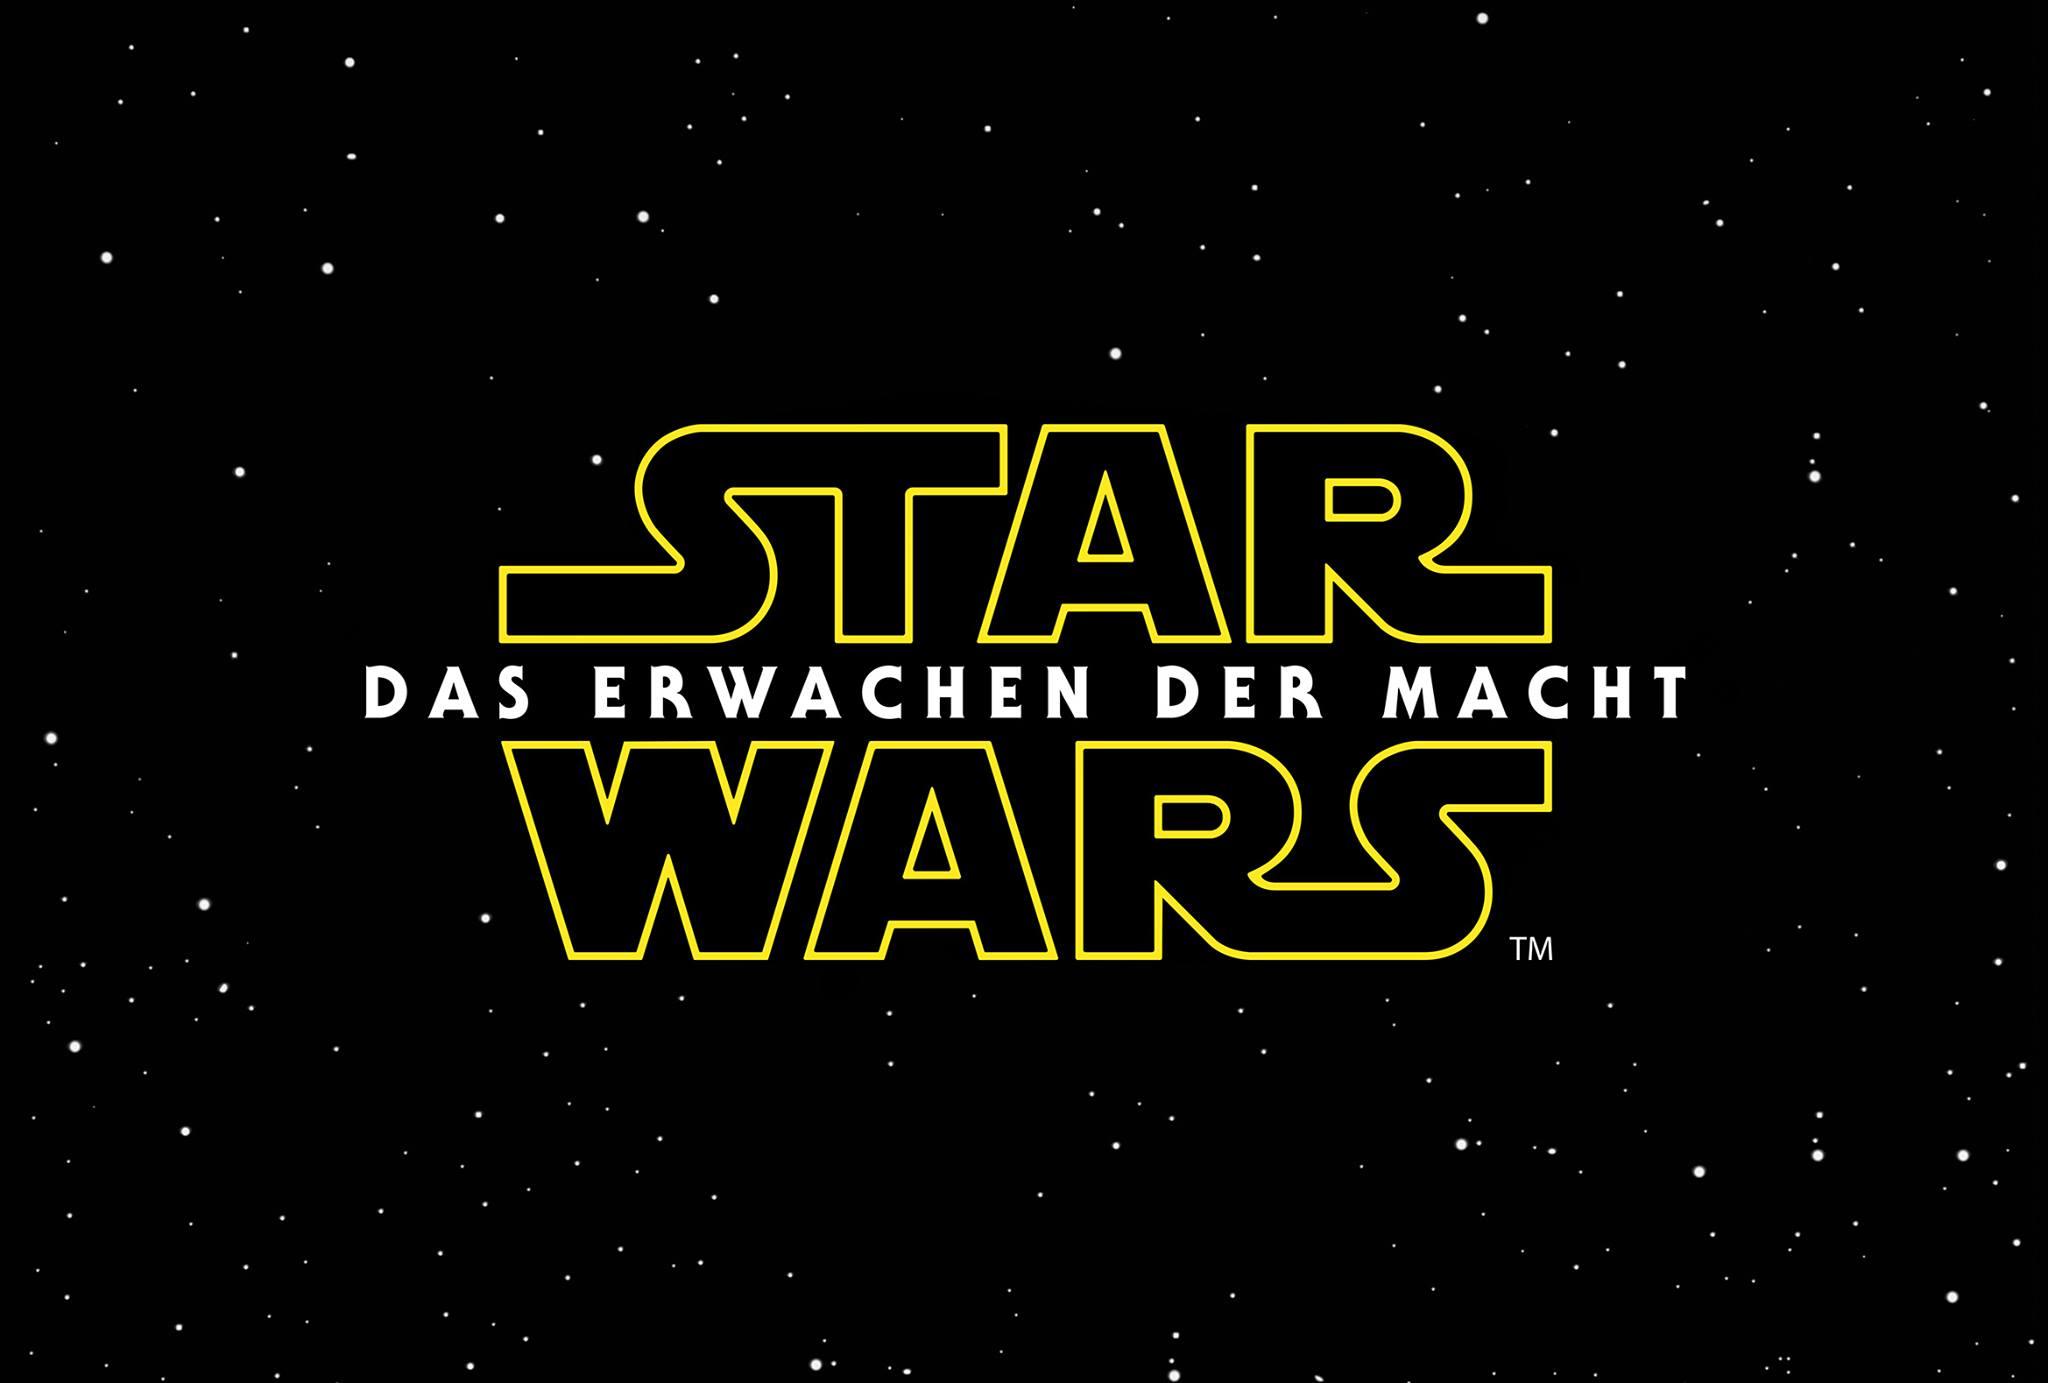 star-wars-das-erwachen-der-macht-3d-logo